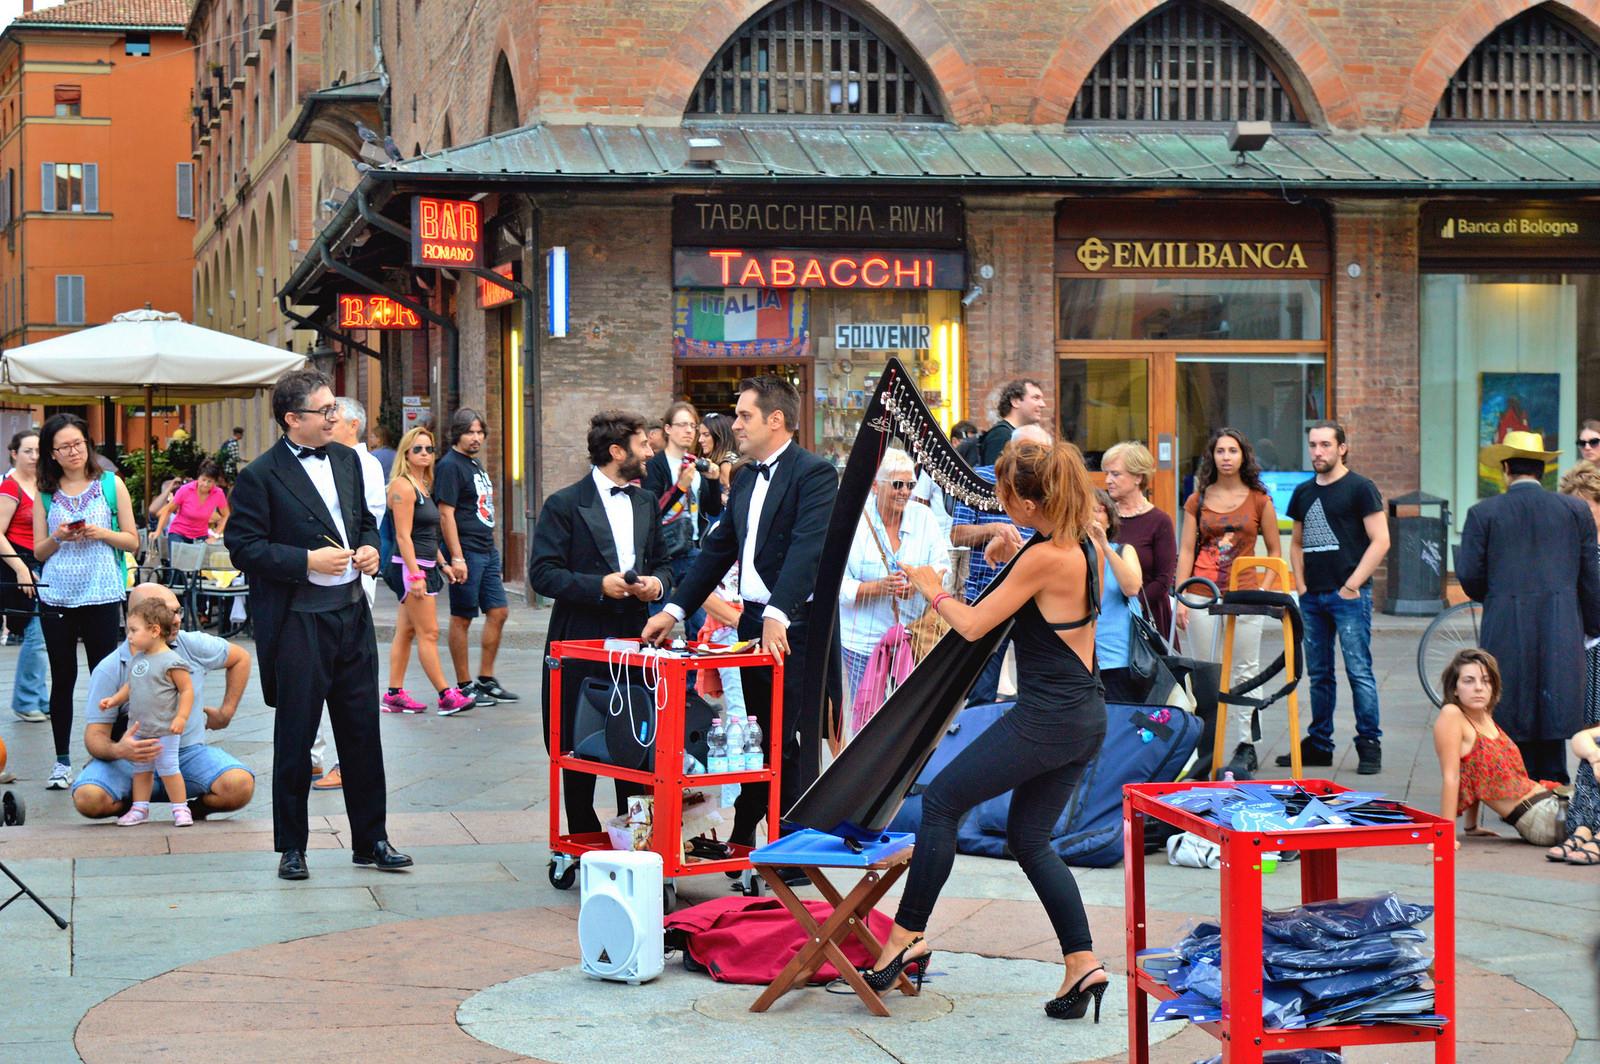 Music performance at Piazza Maggiore, Bologna.